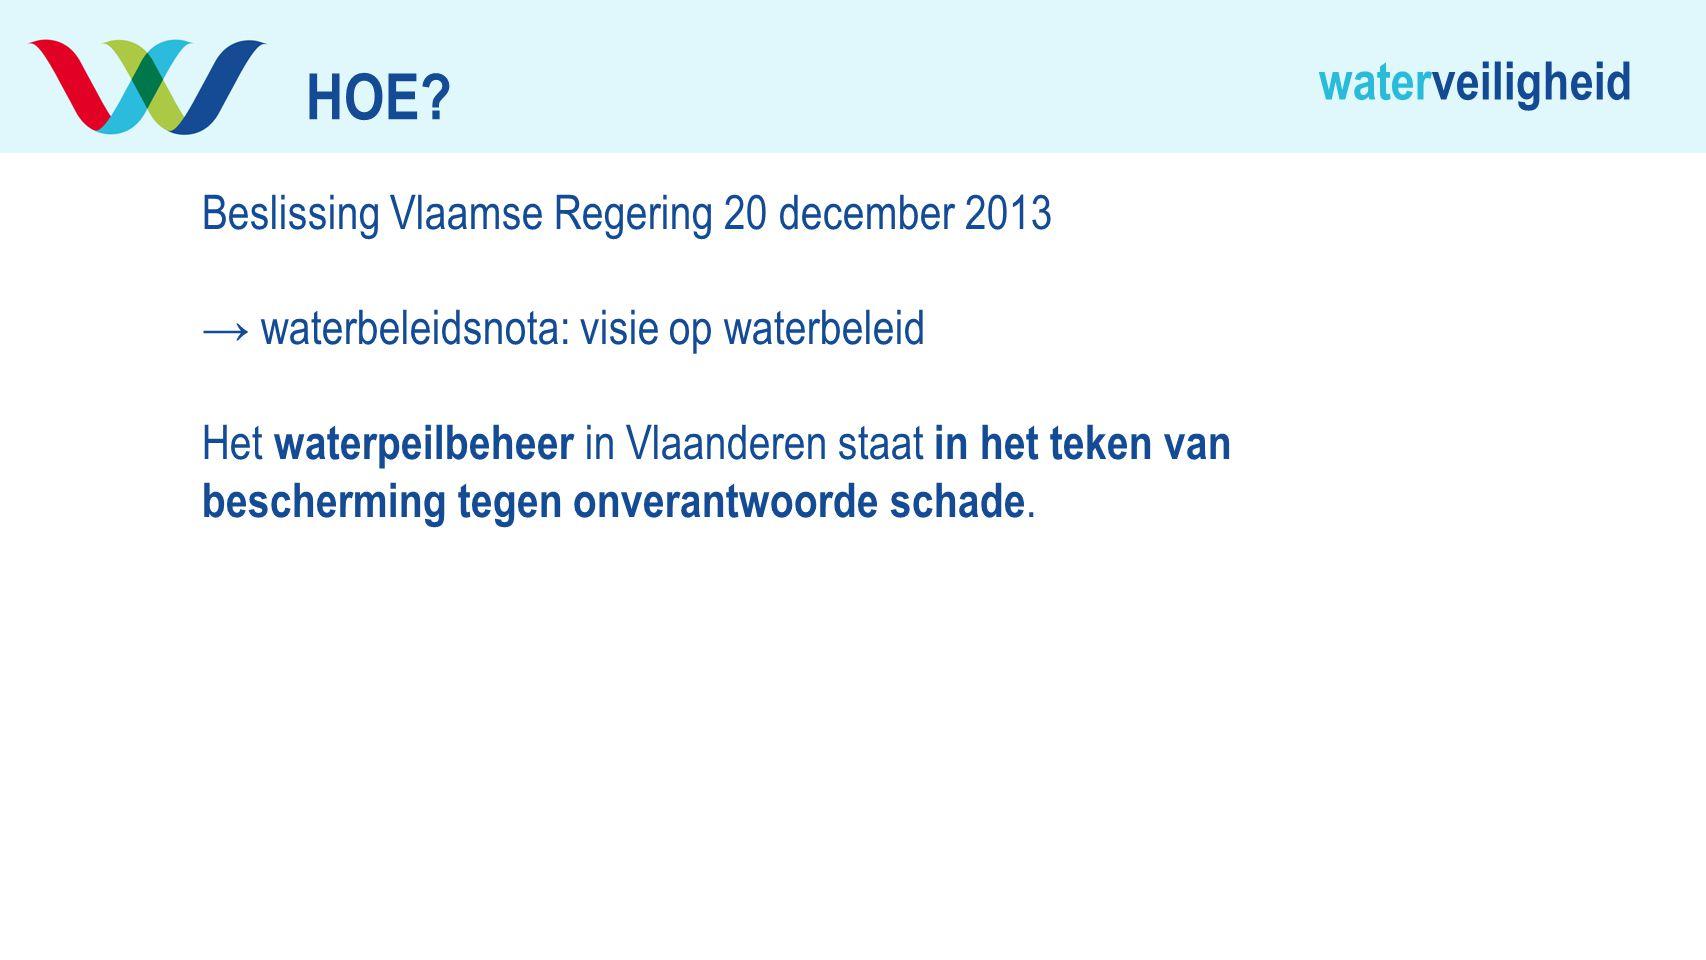 HOE Beslissing Vlaamse Regering 20 december 2013